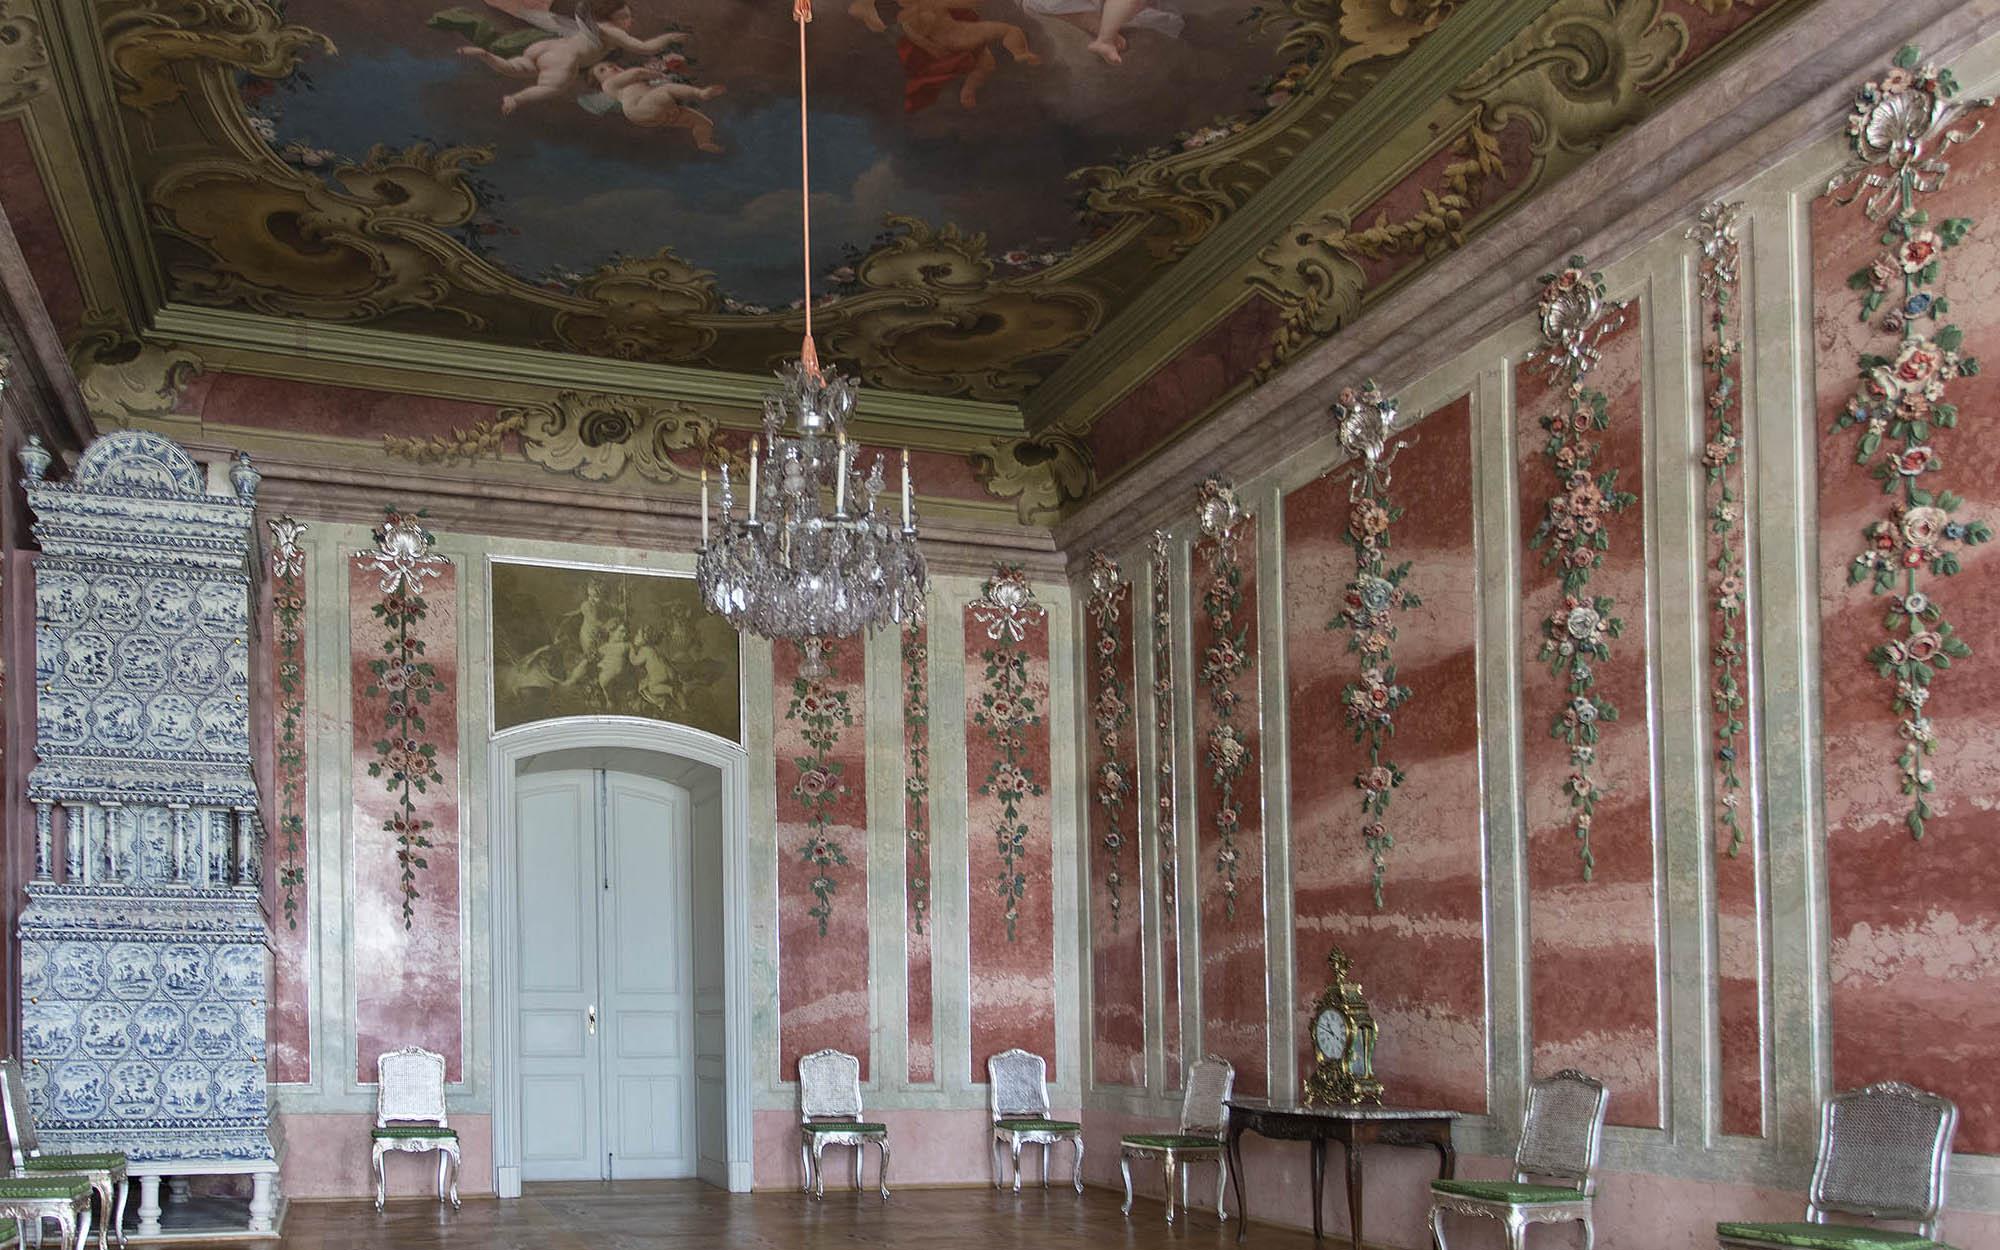 Kāda funkcija 18. gadsimtā bija Rožu istabai, ar ko tur nodarbojās?